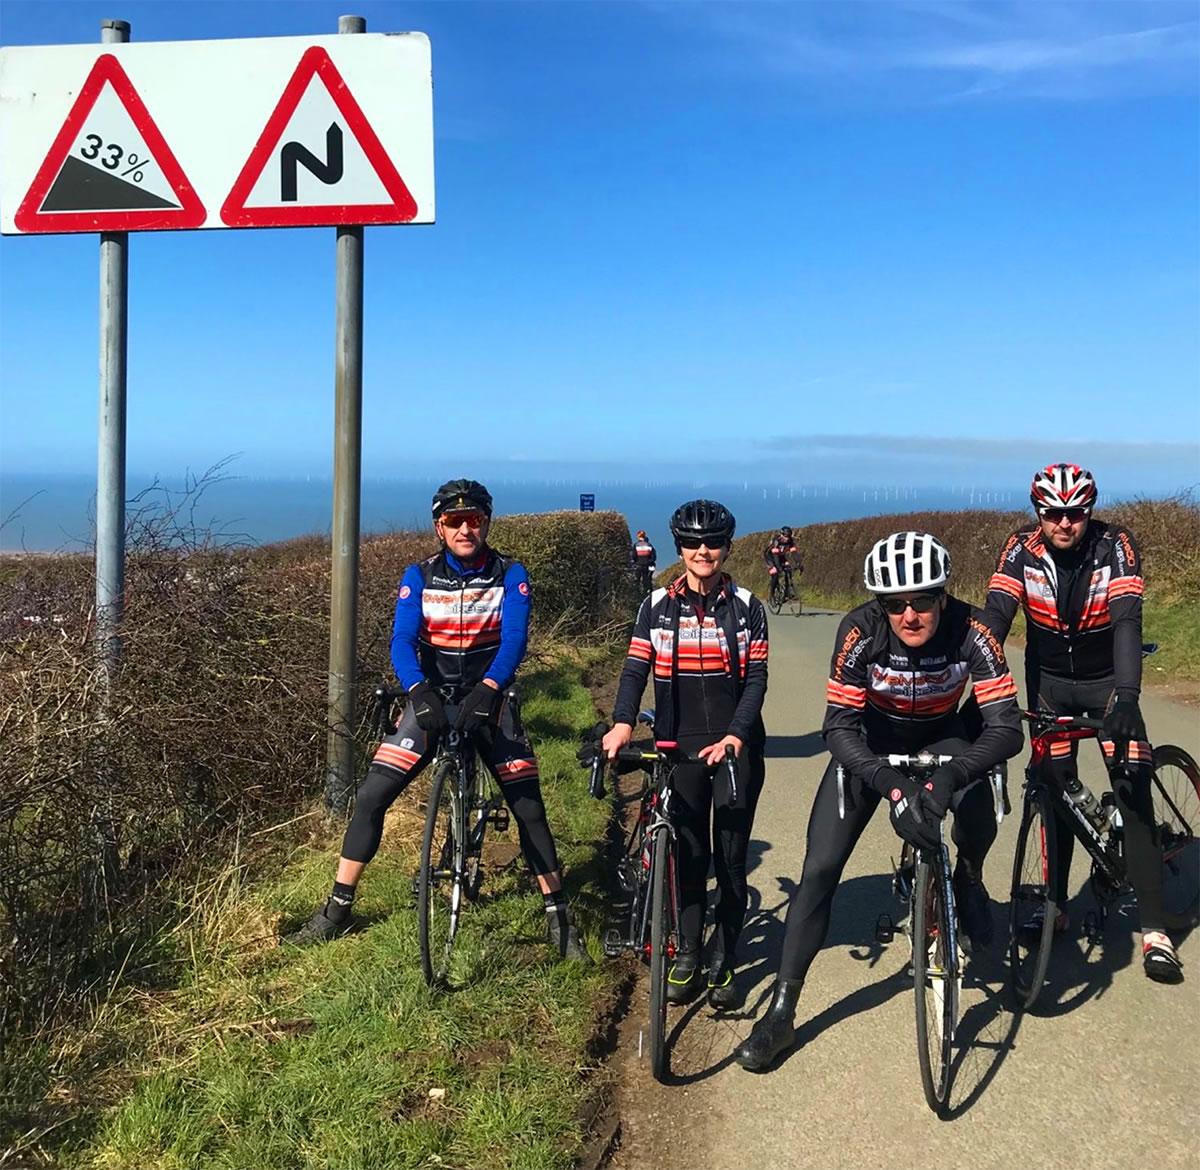 frodsham wheelers gwaenysgor hill prestatyn north wales cycling